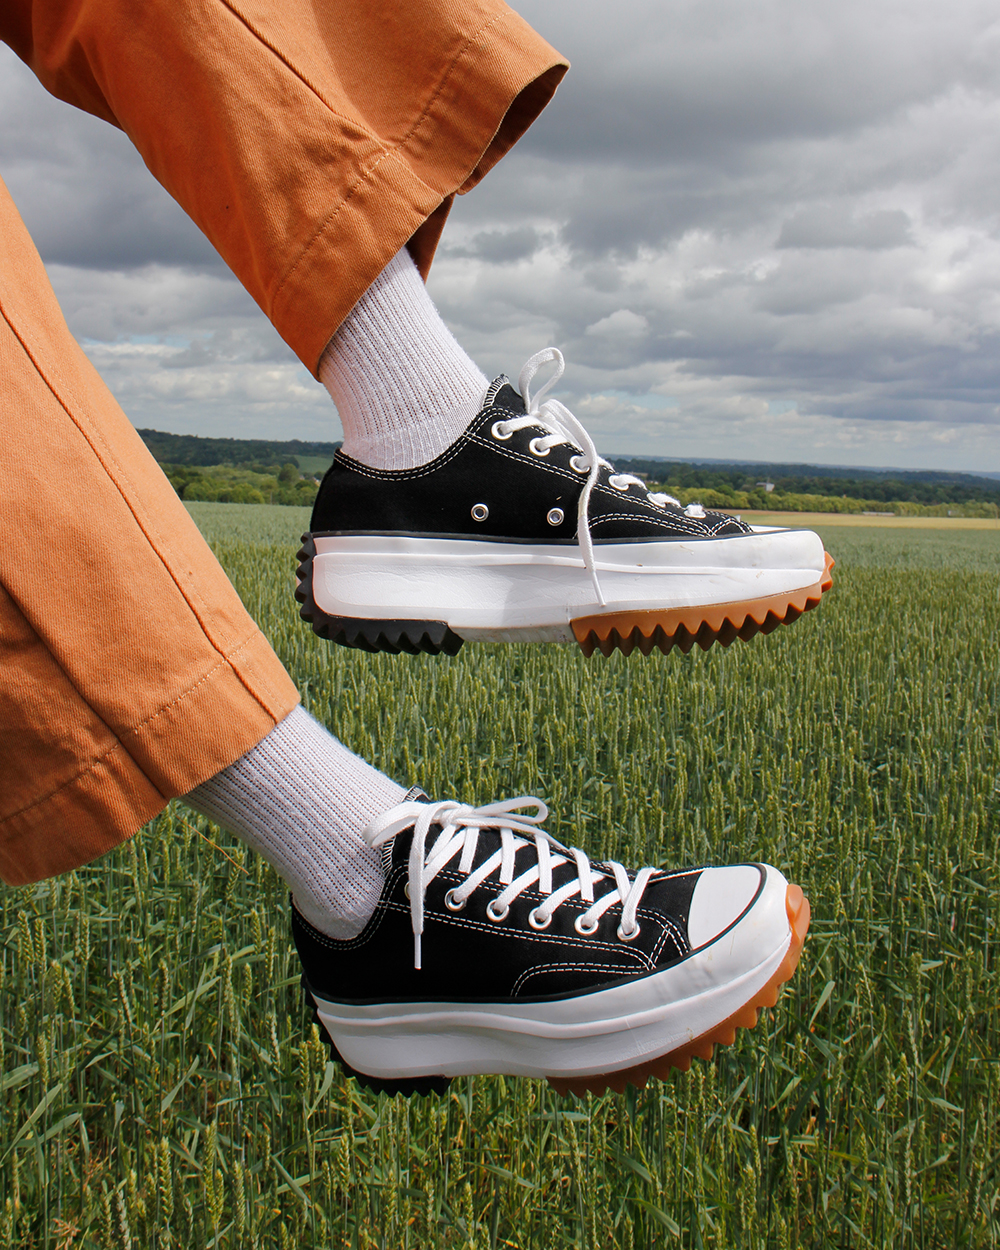 giày converse run star hike low top màu đen